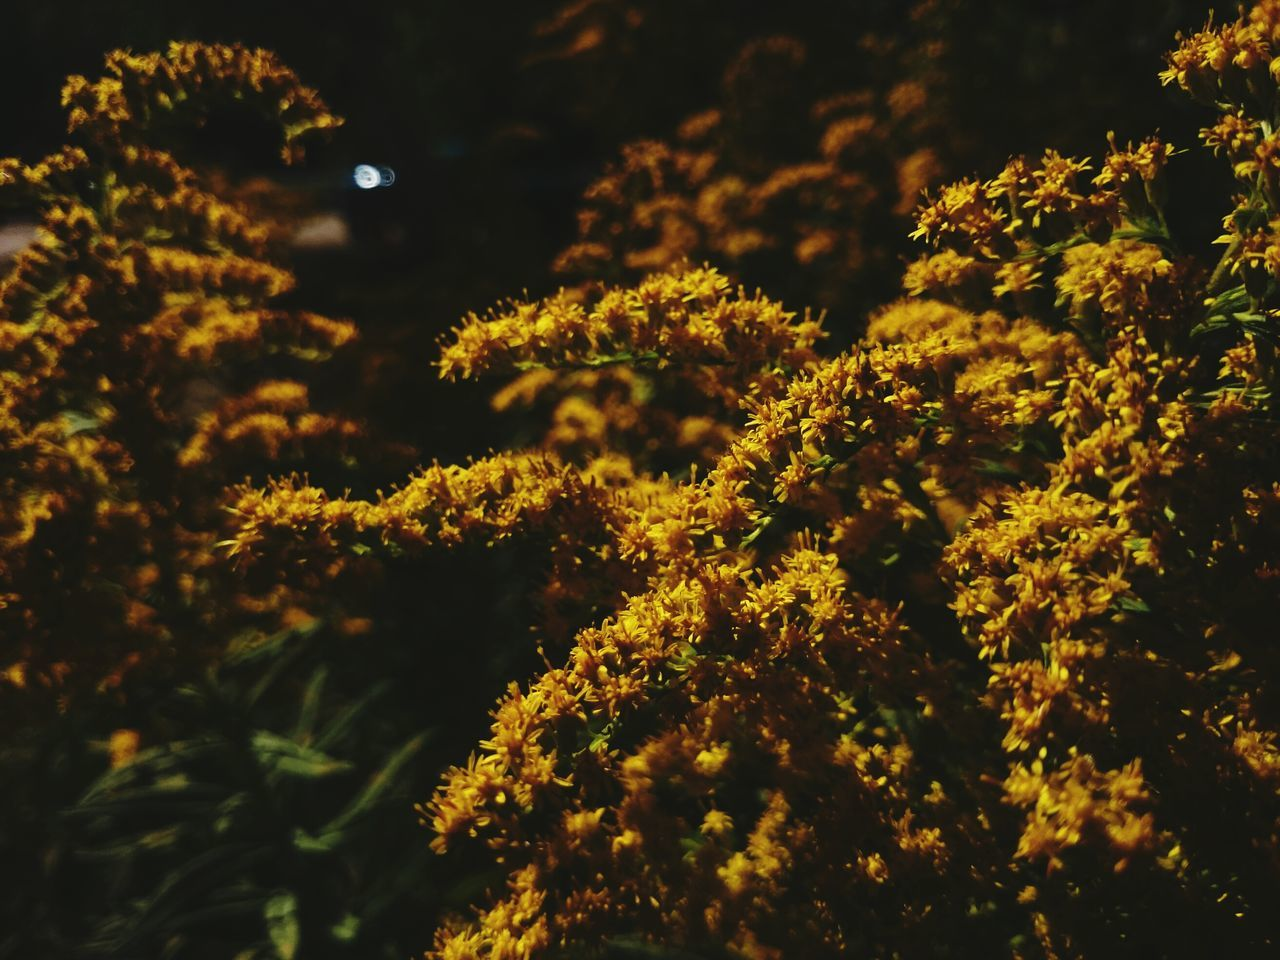 Goldenrod Goldenrod